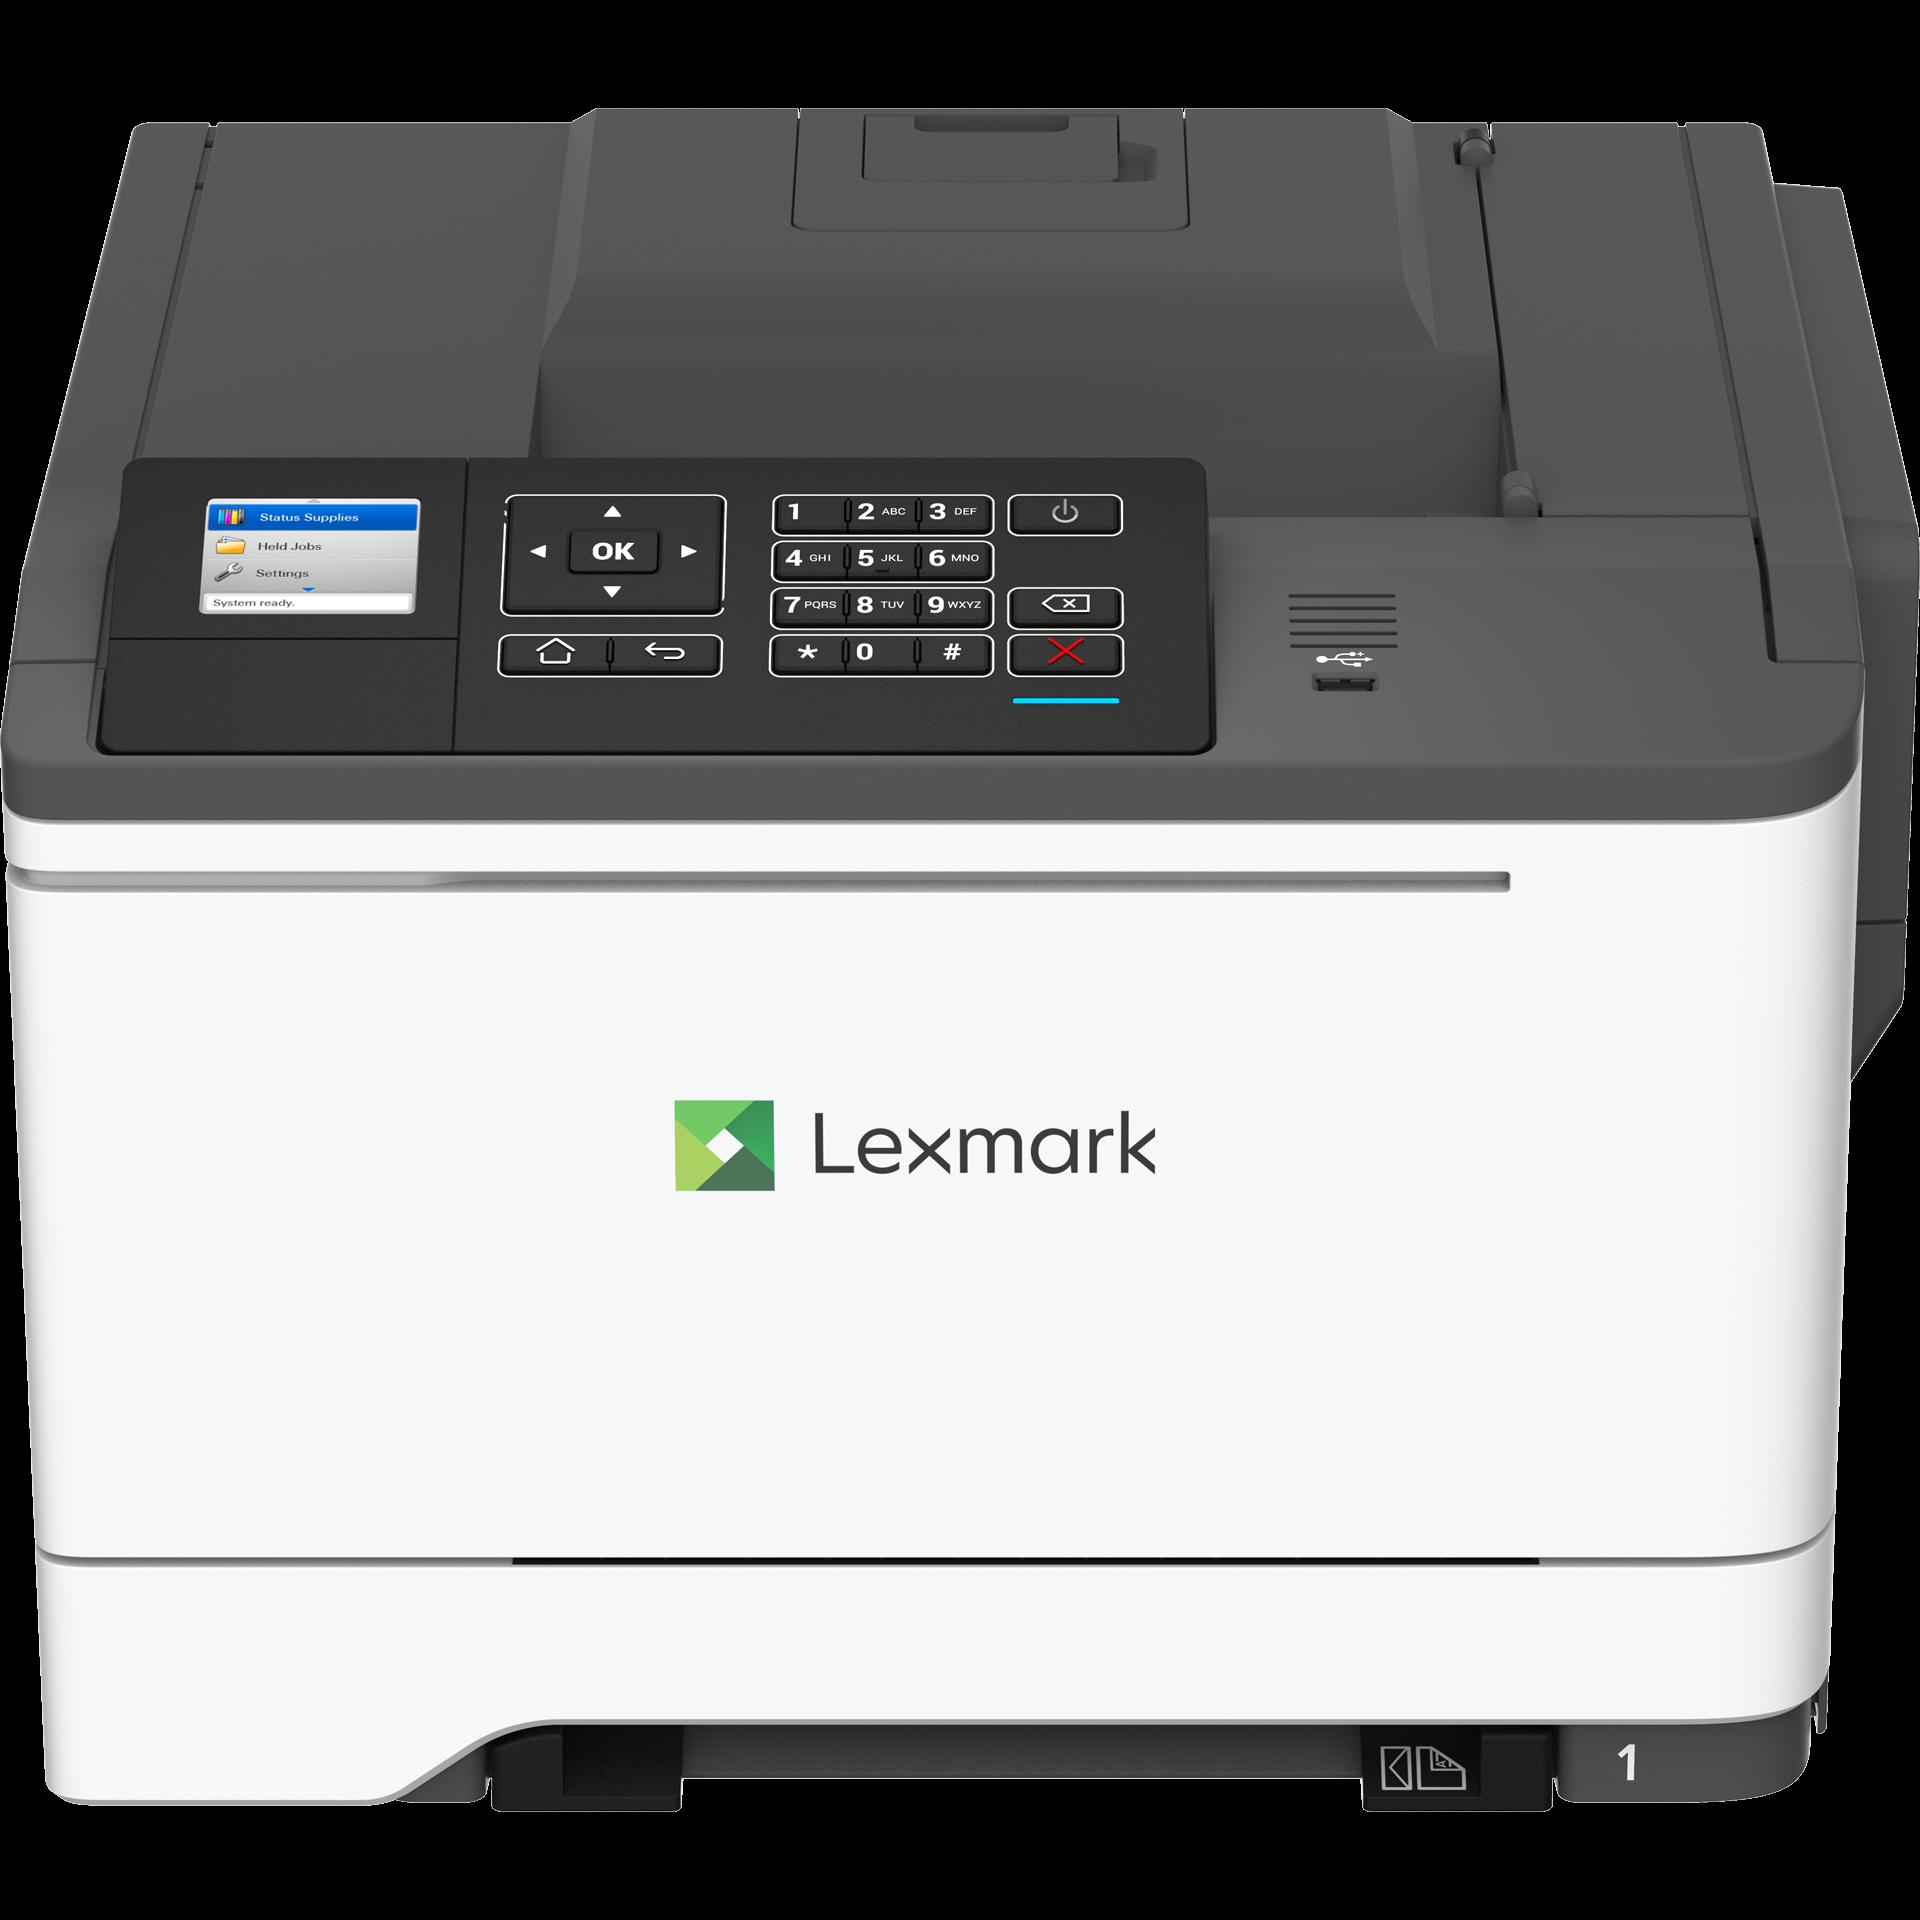 Lexmark CS521dn A4 Colour Laser Printer